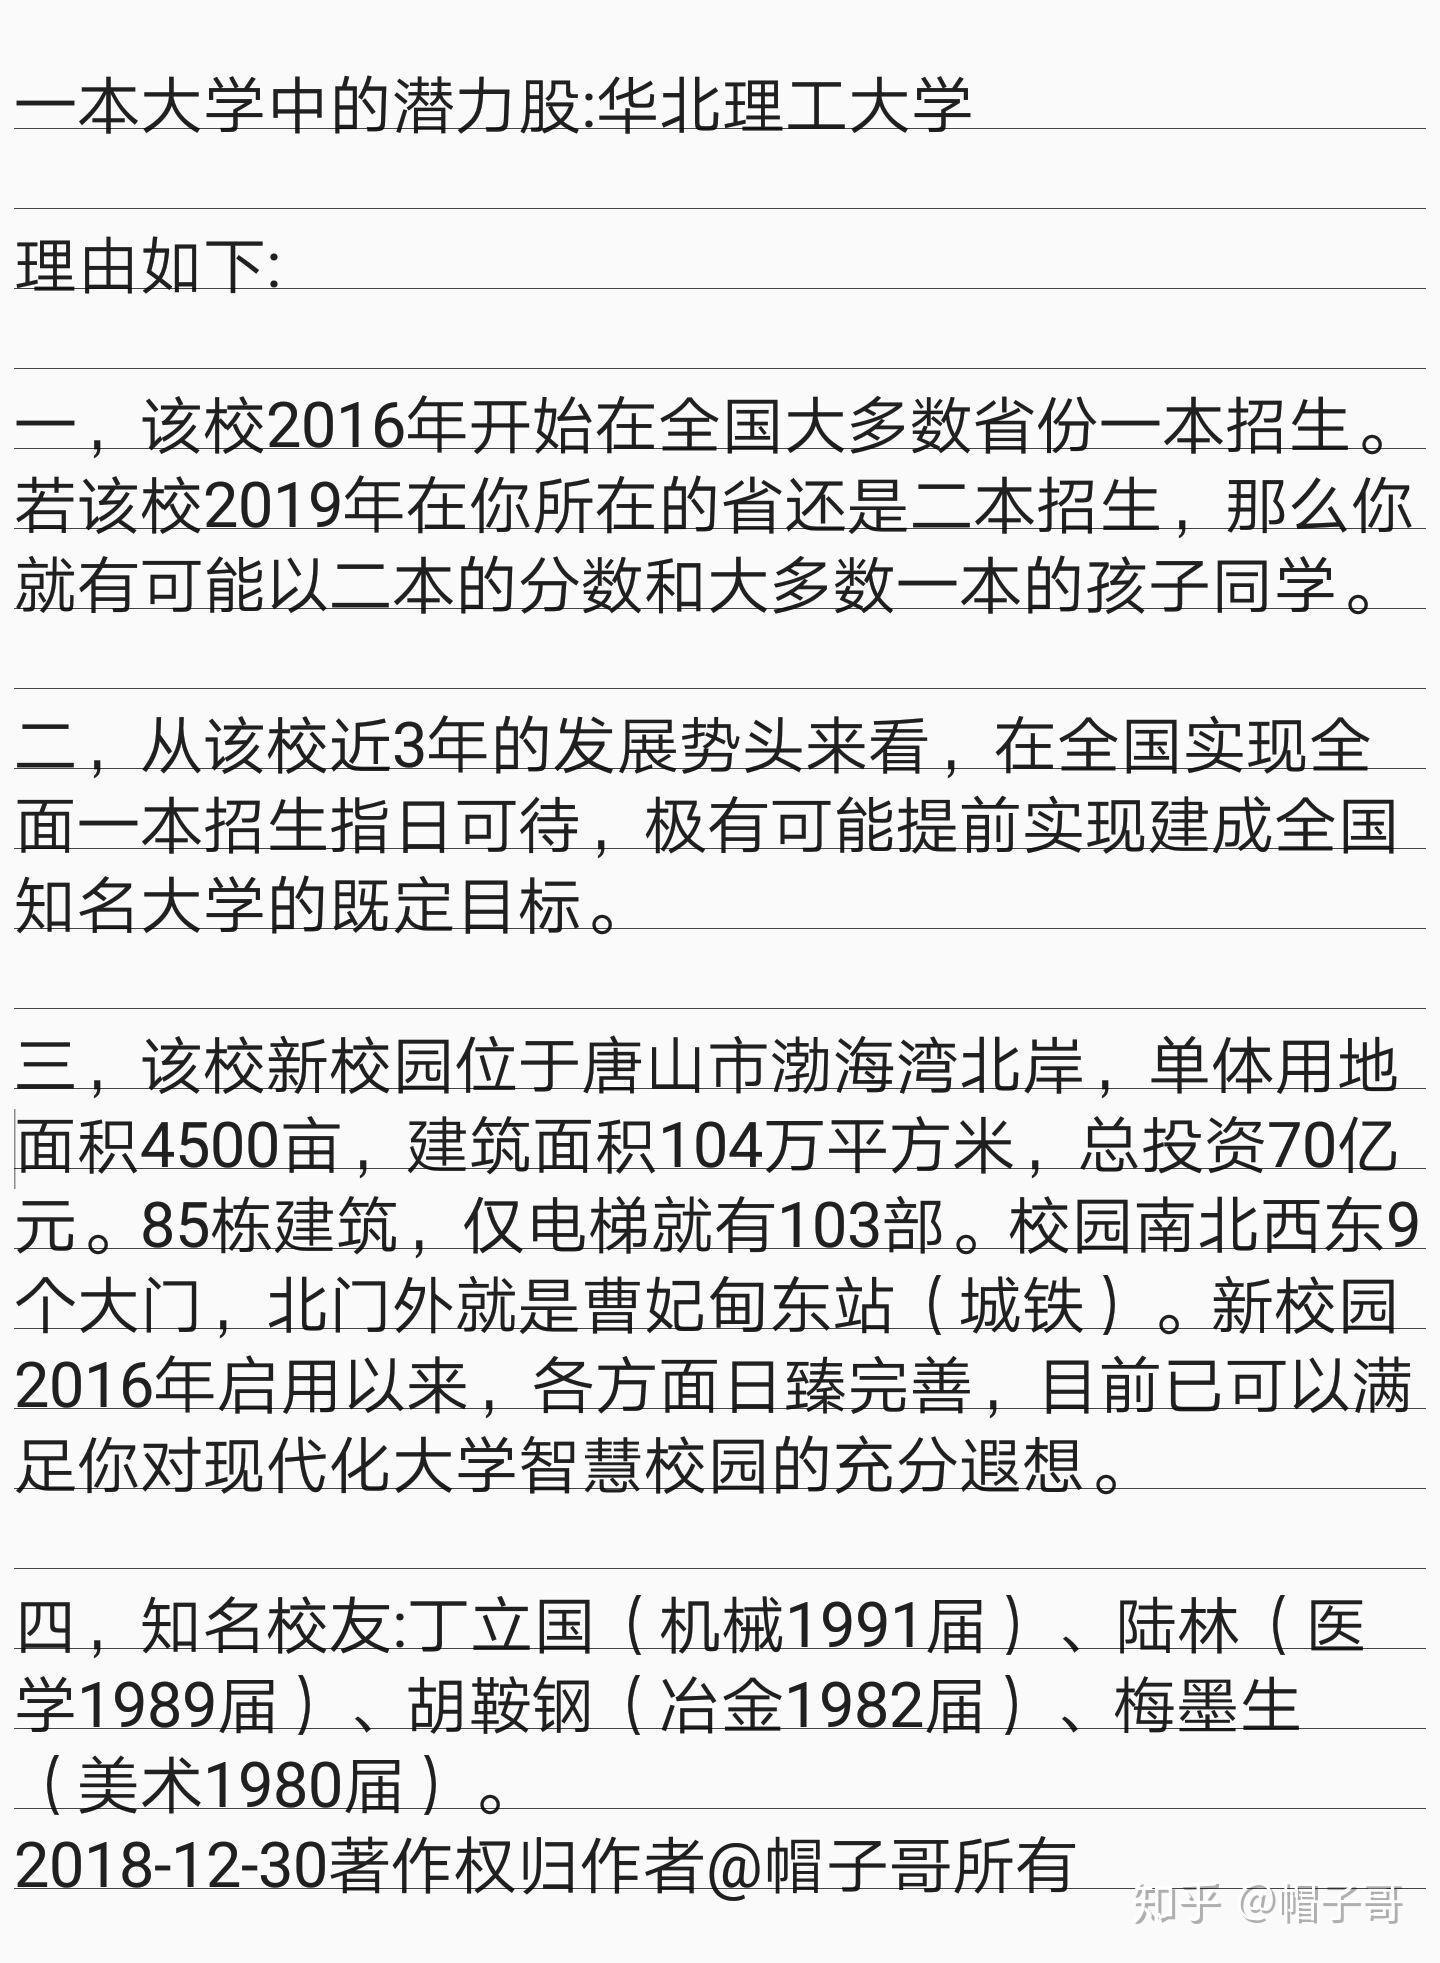 一本高清综合在线观看 2020最新乱码中文无字幕